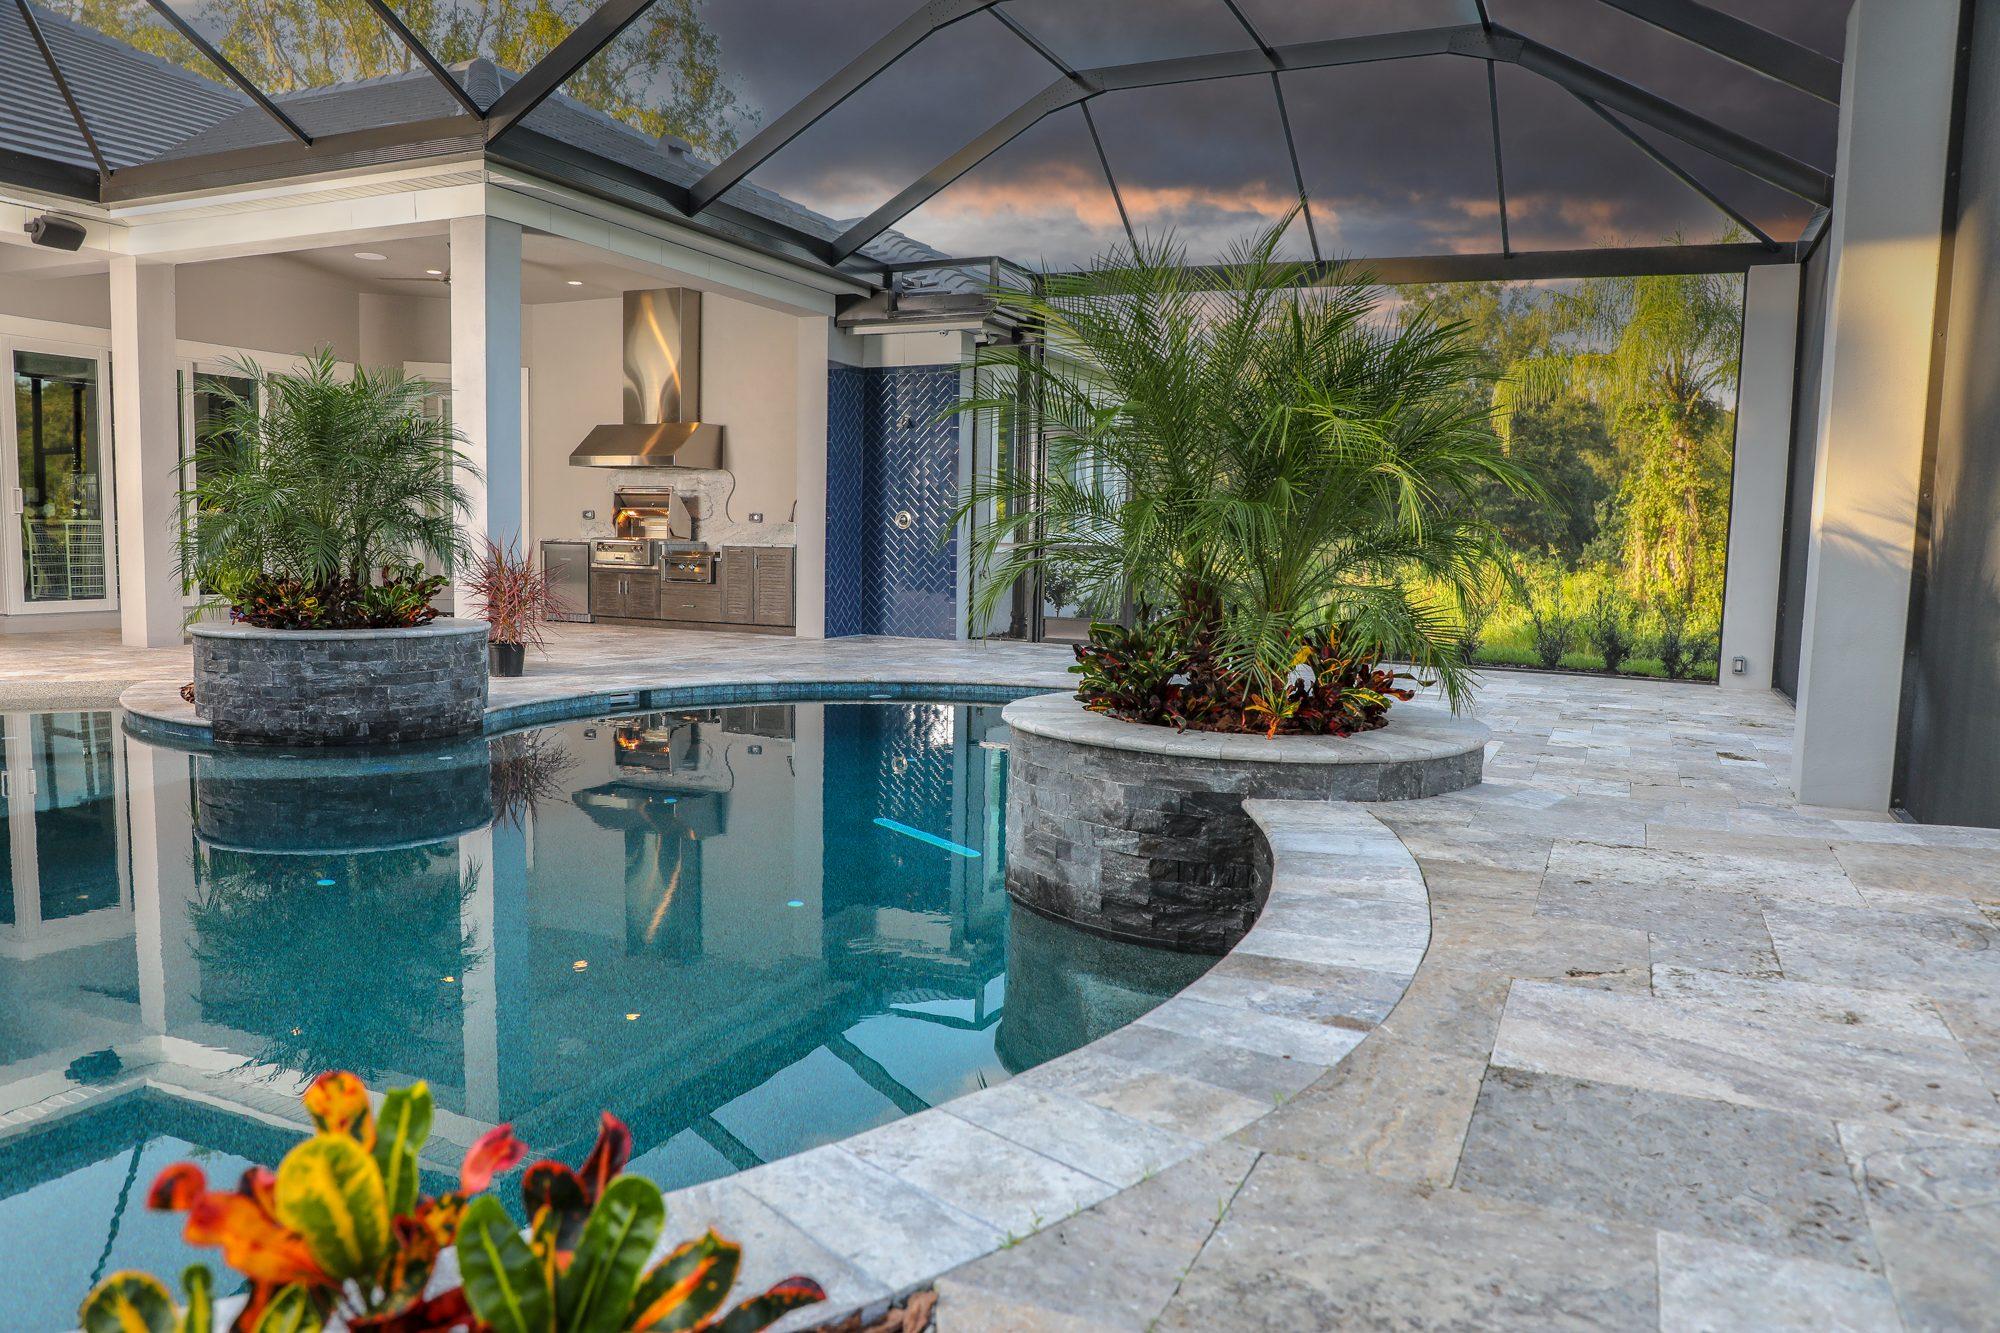 Custom Outdoor Kitchen | Just Grillin Outdoor Living | Lutz, Florida